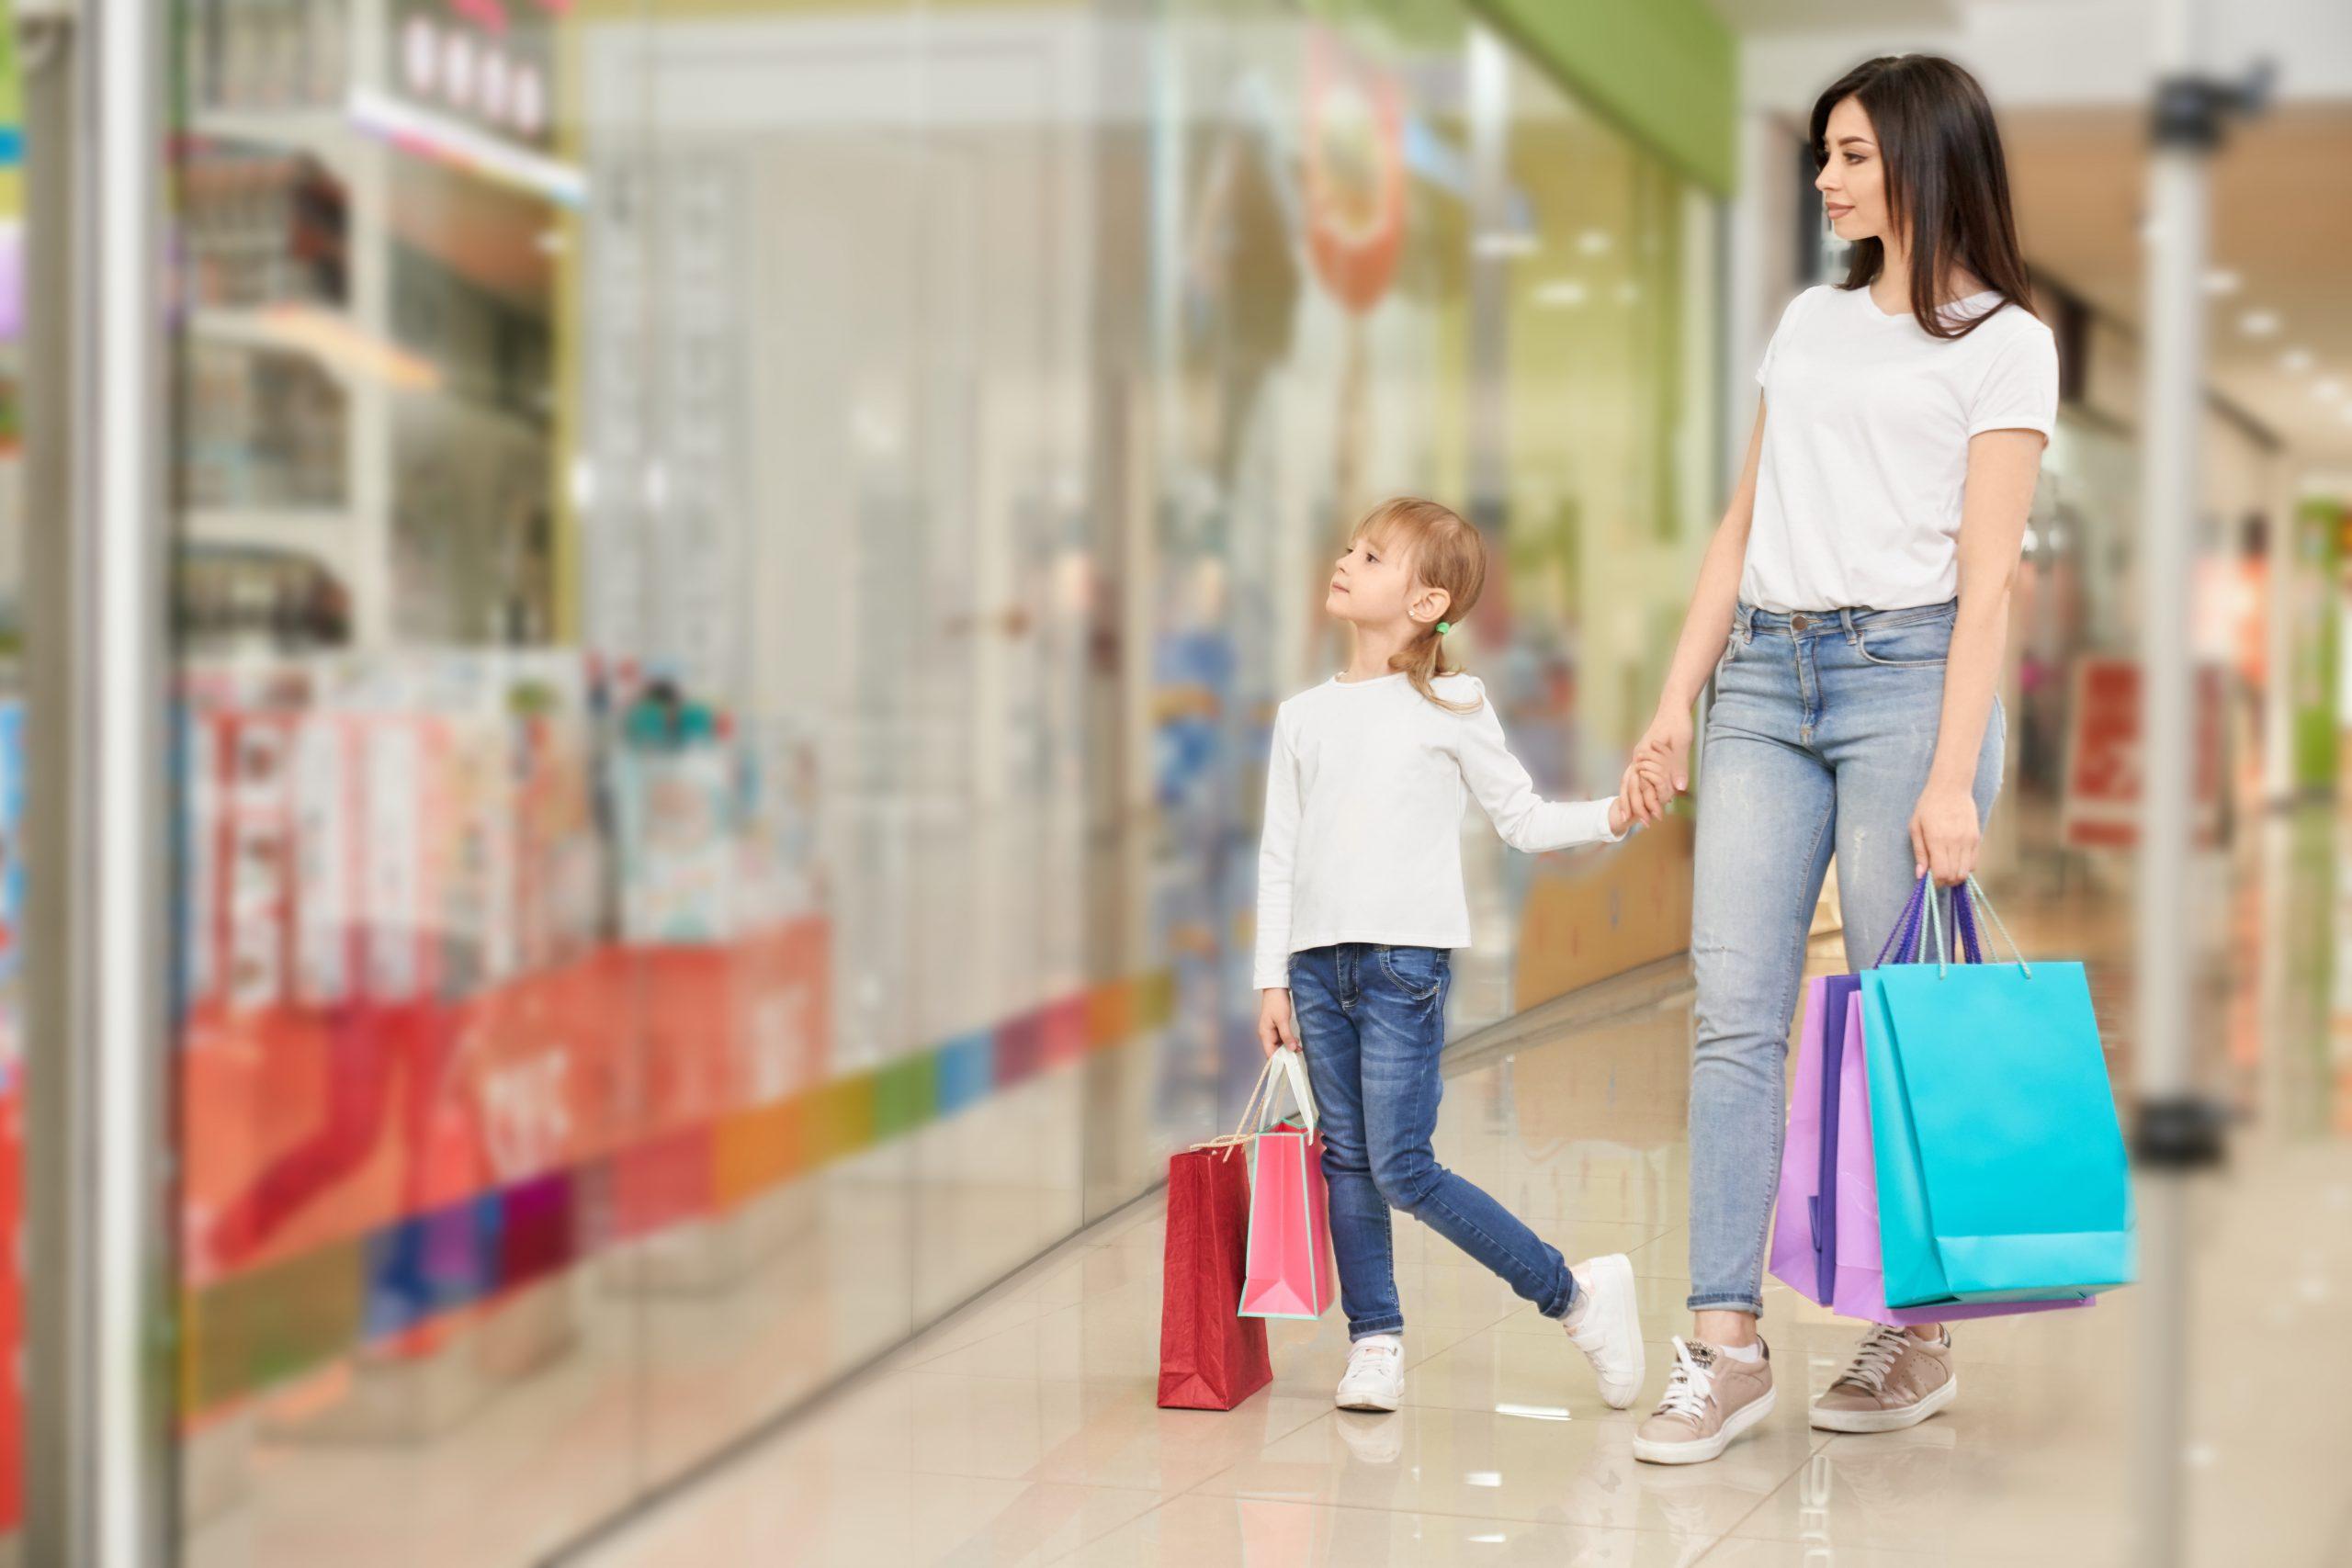 Syarat Membawa Anak di Bawah 12 Tahun Ke Pusat Perbelanjaan